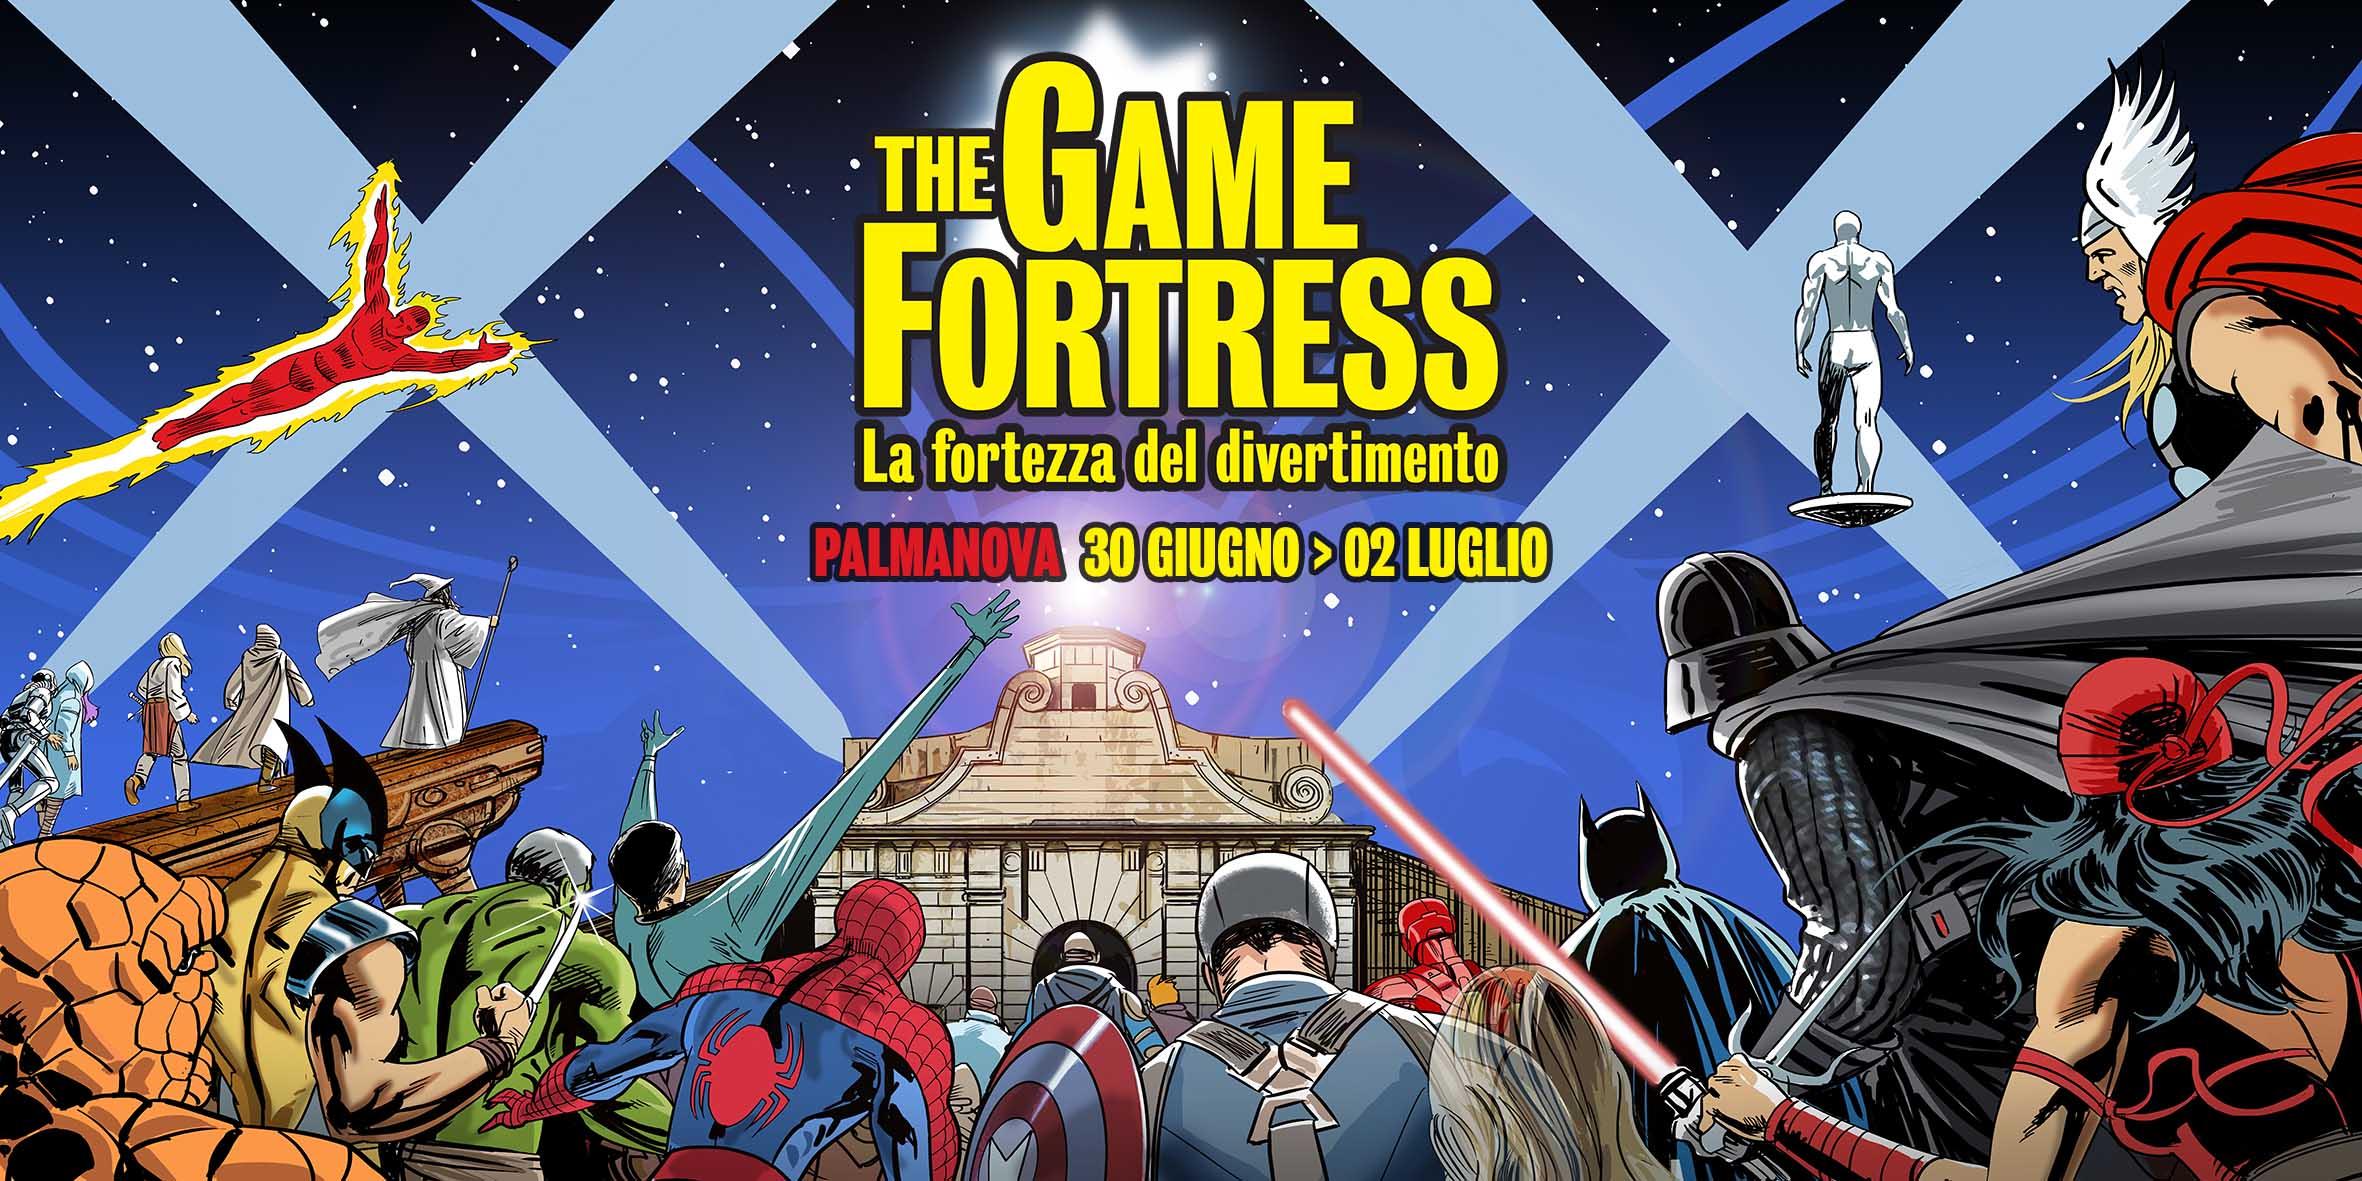 The Game Fortress, la Fortezza del divertimento dal 30 giugno al 2 luglio